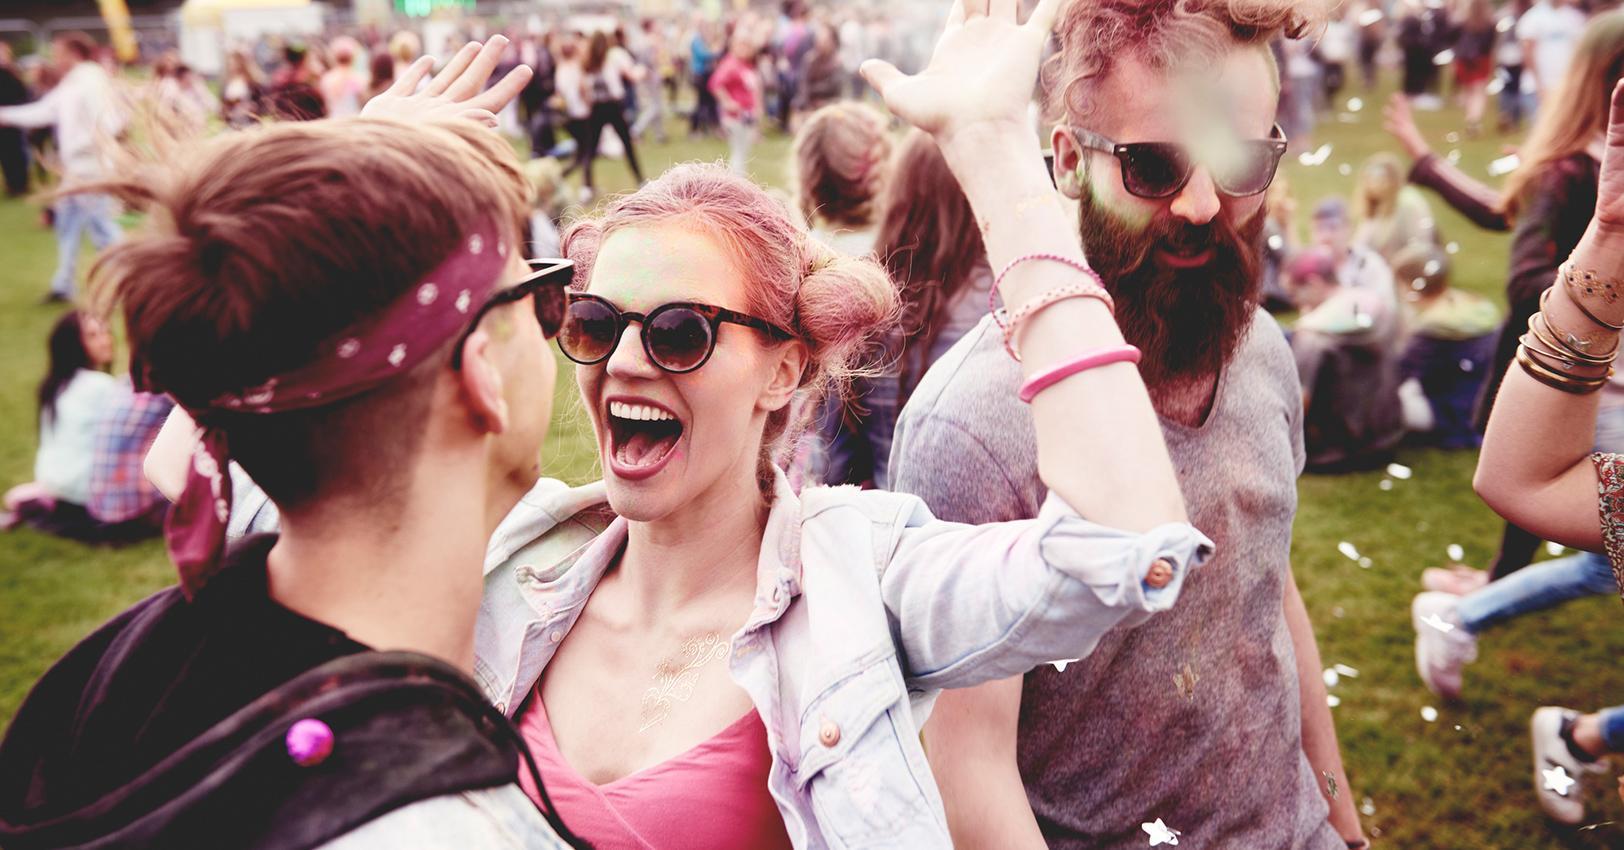 MusicFest-Thumb-1529365135013.jpg